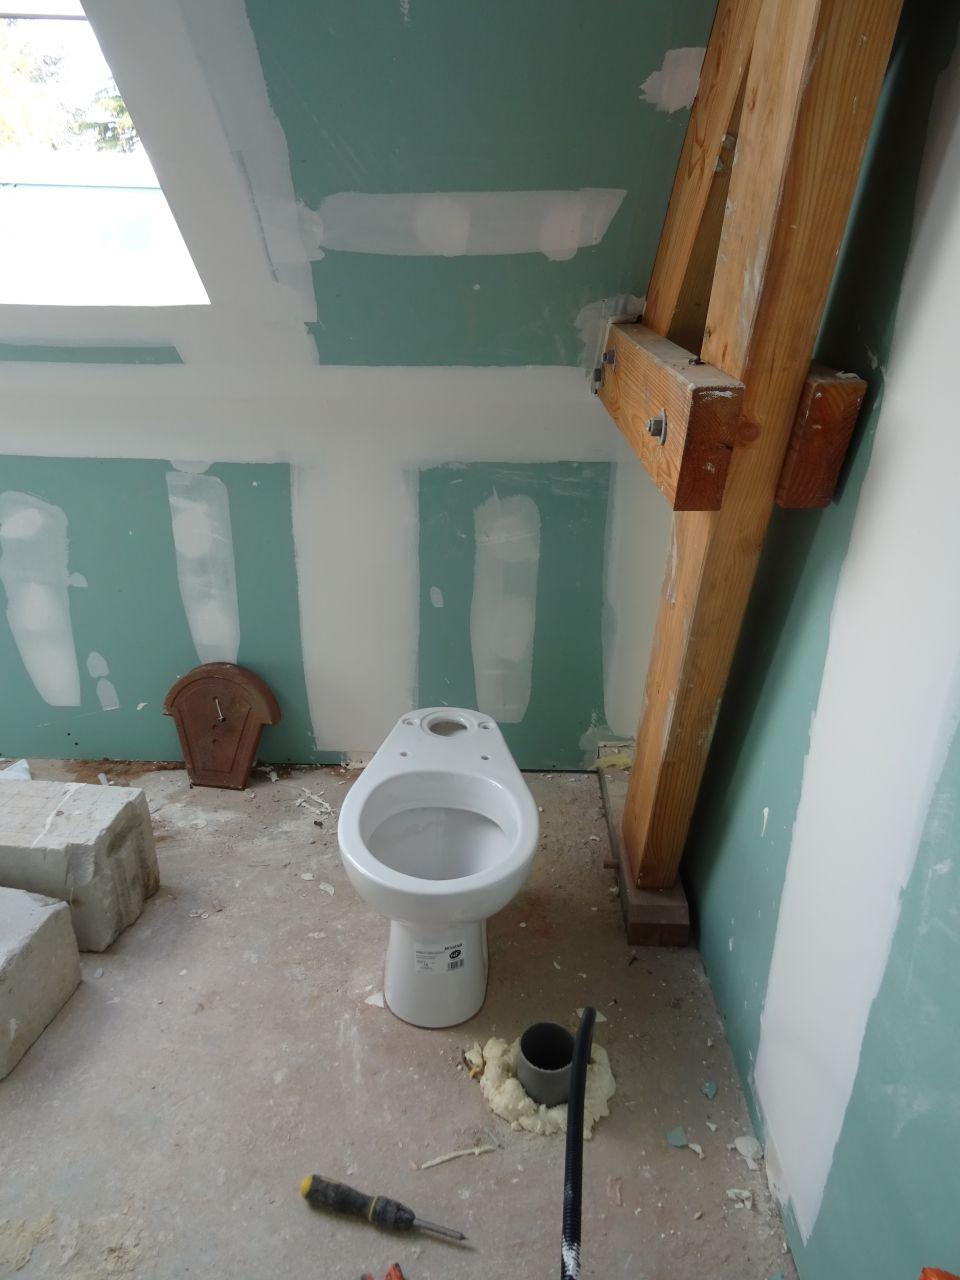 La vraie position du WC. <br /> J'ai eu la chance de tomber sur les mecs installant les chauffages et en plus ils étaient très sympas ! ils m'ont donc demandé où je voulais les choses, et ben dis donc ça change de mon constructeur qui s'en contrefout !